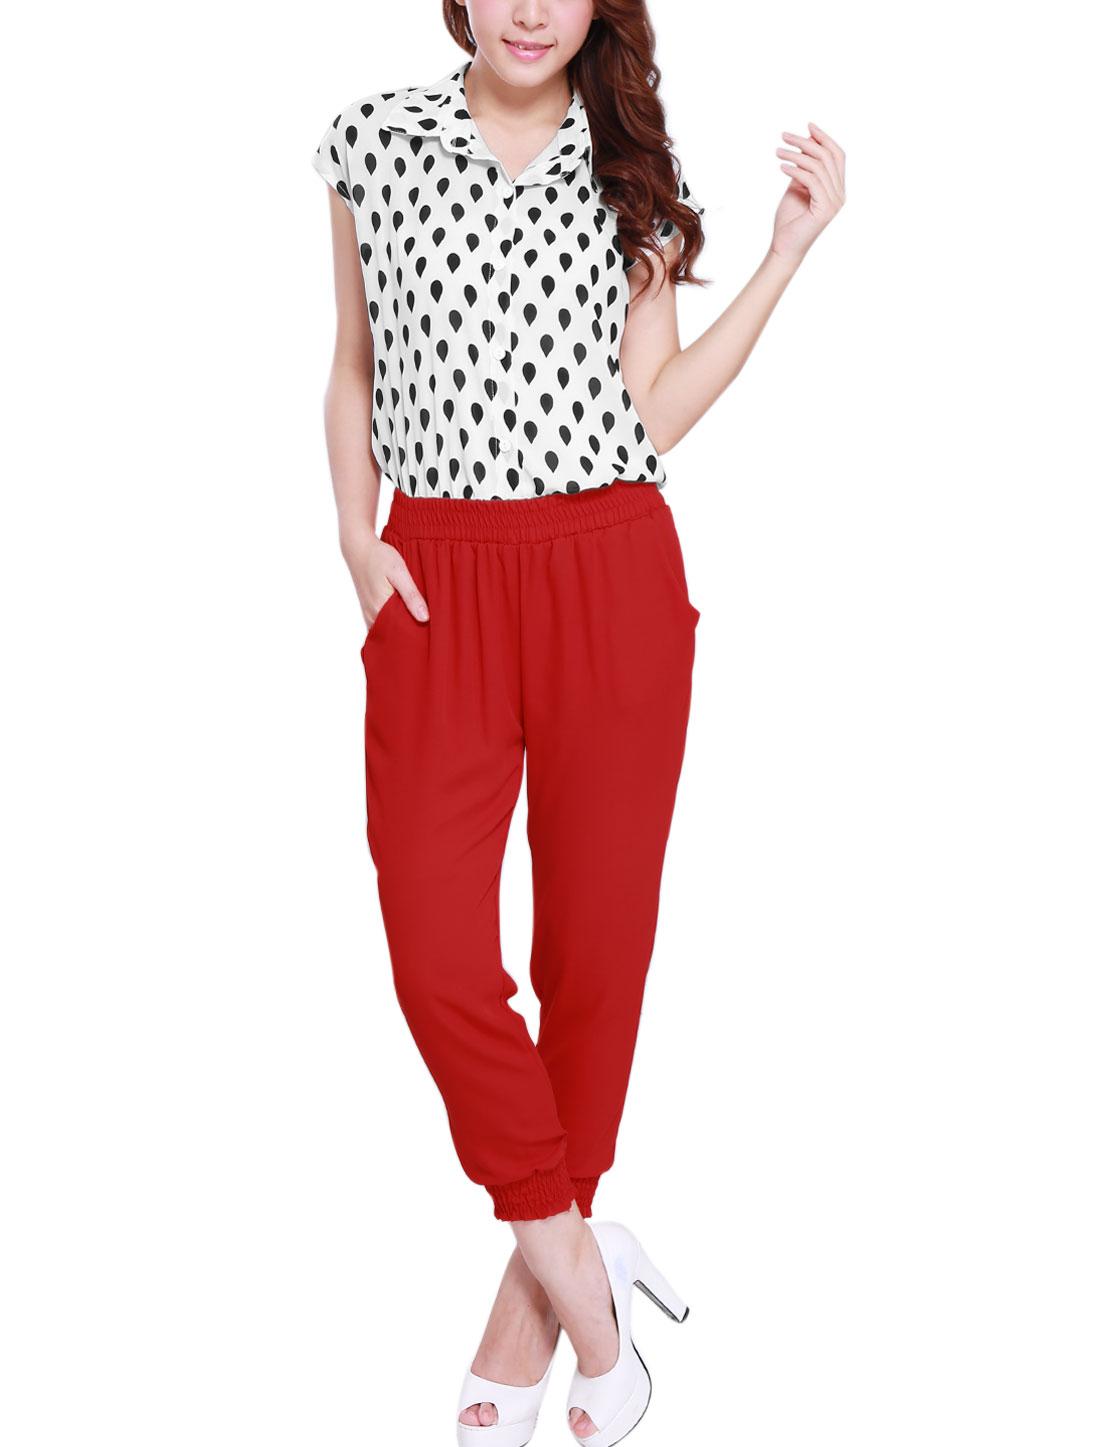 Ladies Water Drop Pattern Chiffon Top w Smocked Waist Chiffon Cropped Pants Red White XS